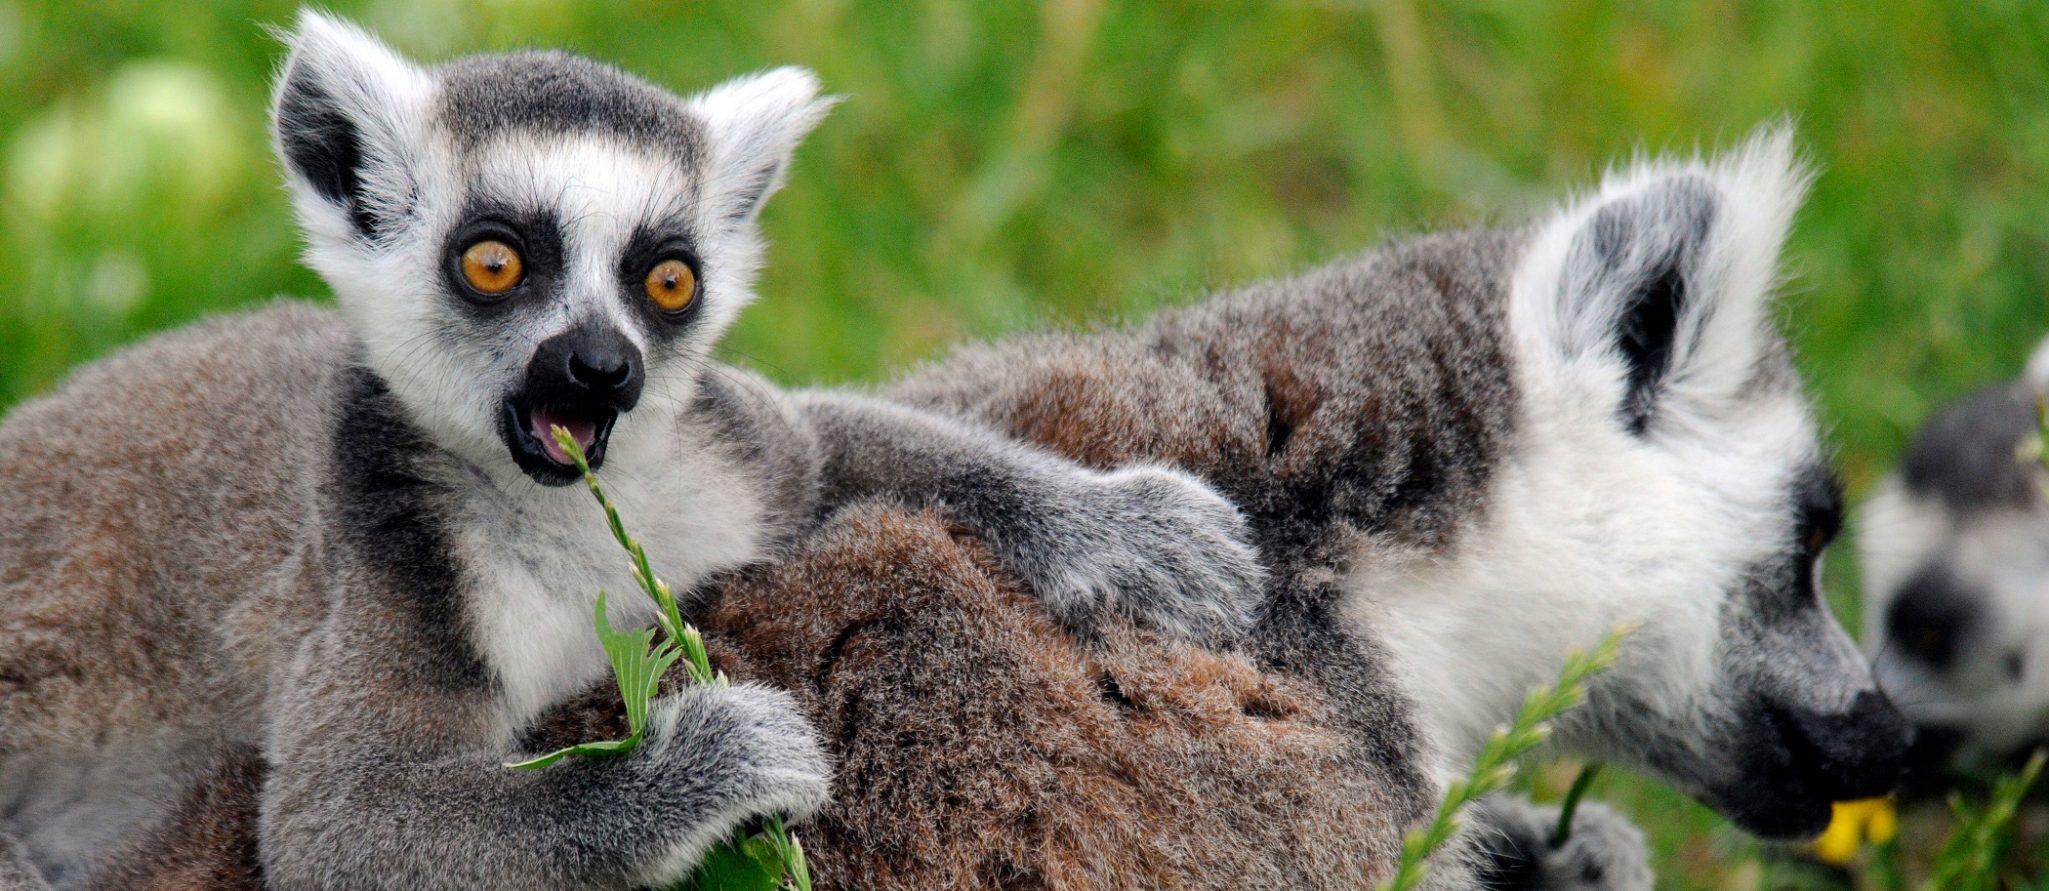 jonge ringstaartmaki op rug van moeder eet plantje